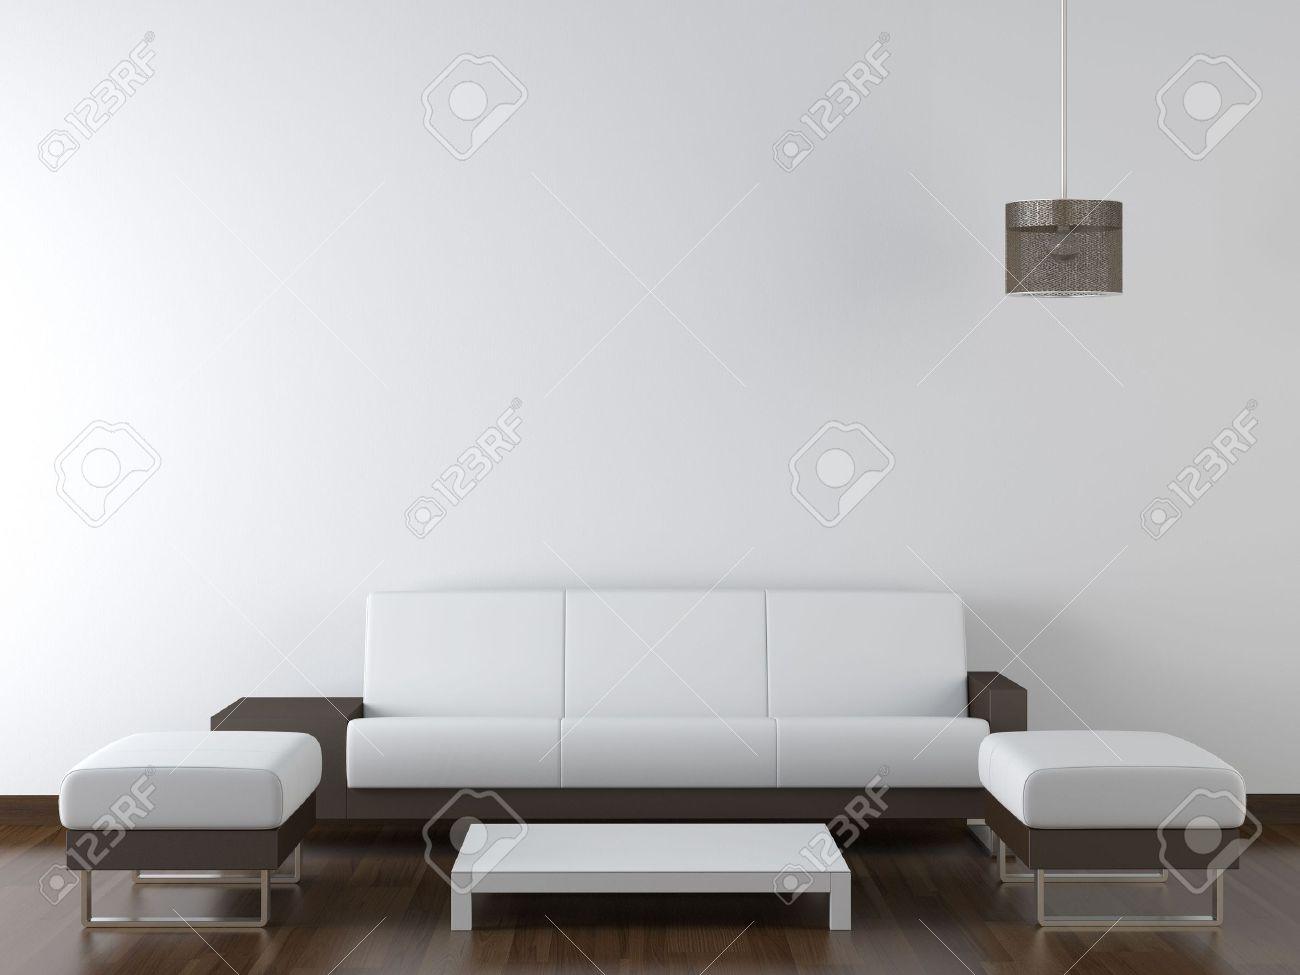 Wand Mobel Wohnzimmer ~ Interior design der modernen weiß und braun wohnzimmer möbel weiße